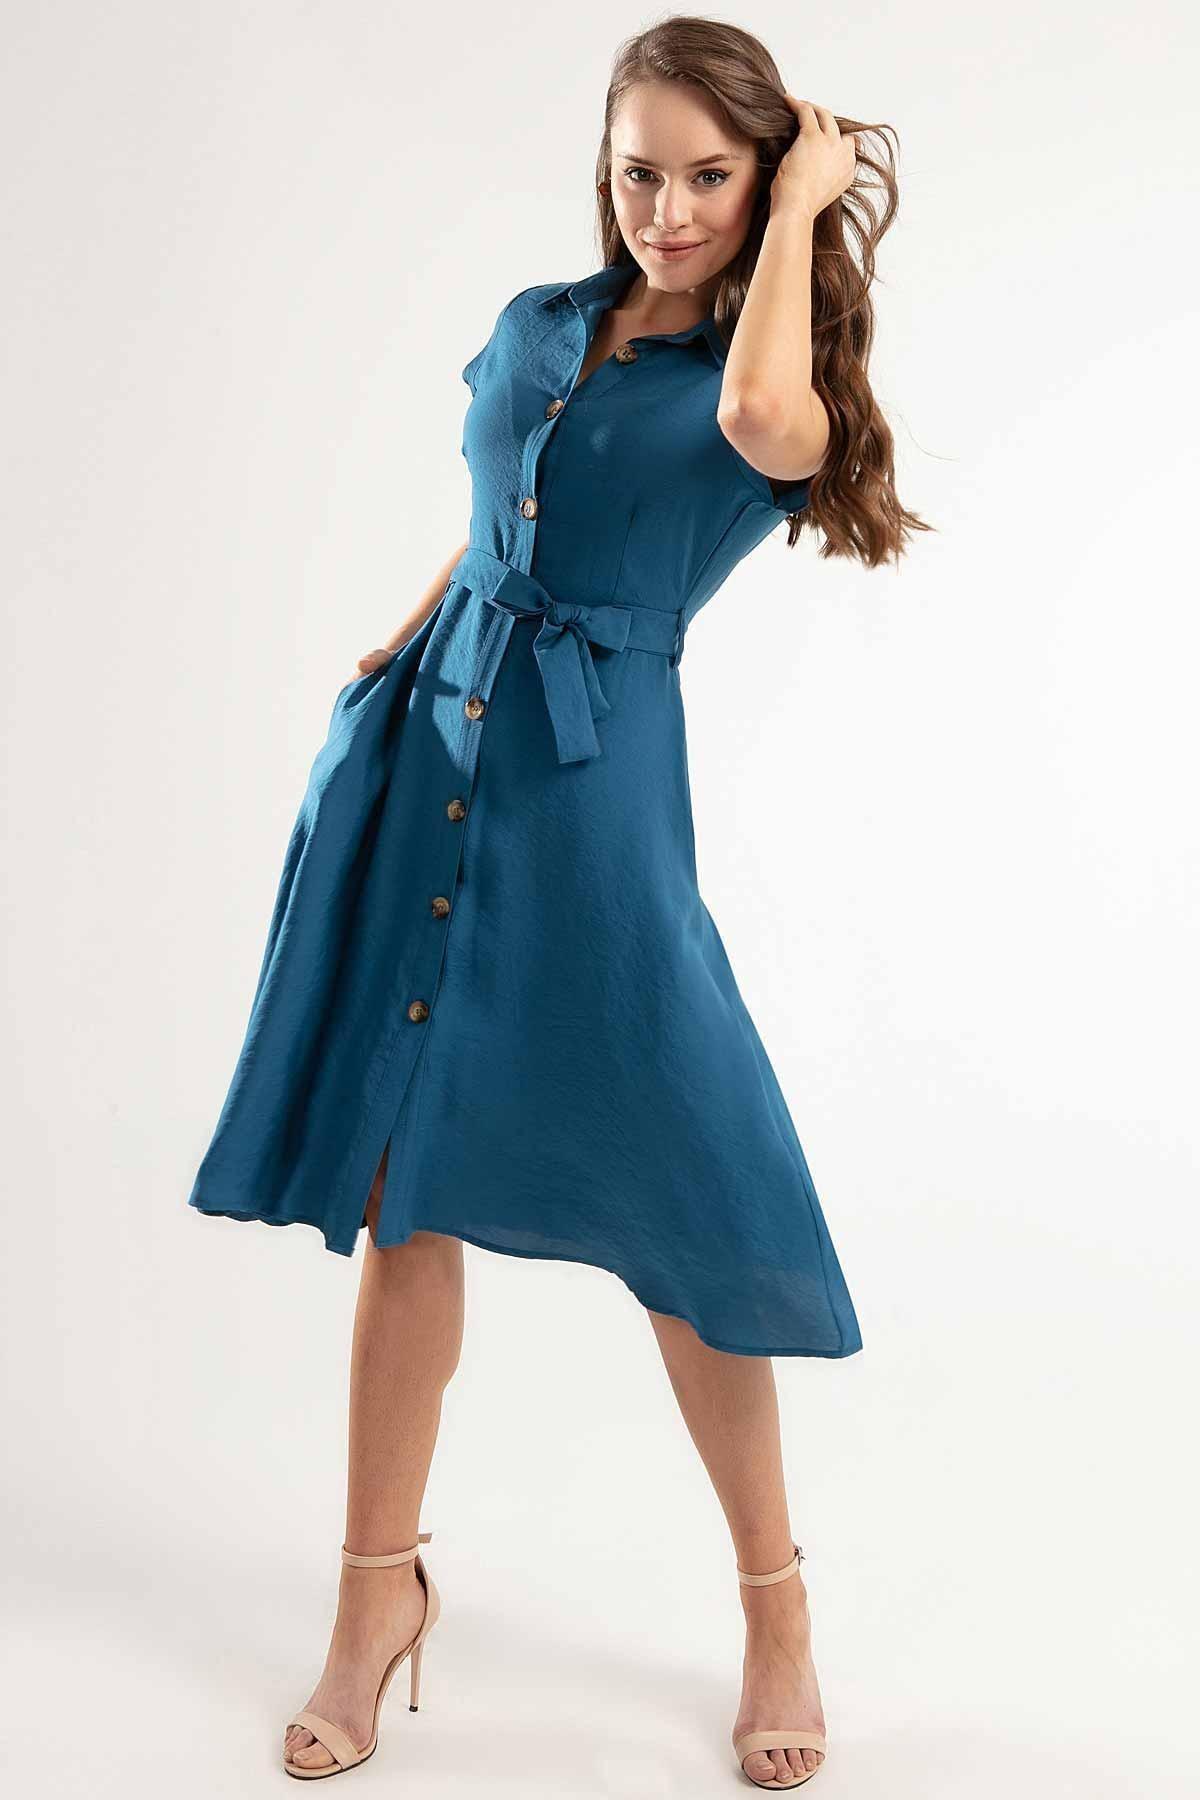 Y-London Kadın Kuşaklı Kısa Kollu Kloş Gömlek Elbise Y20s110-1677 0